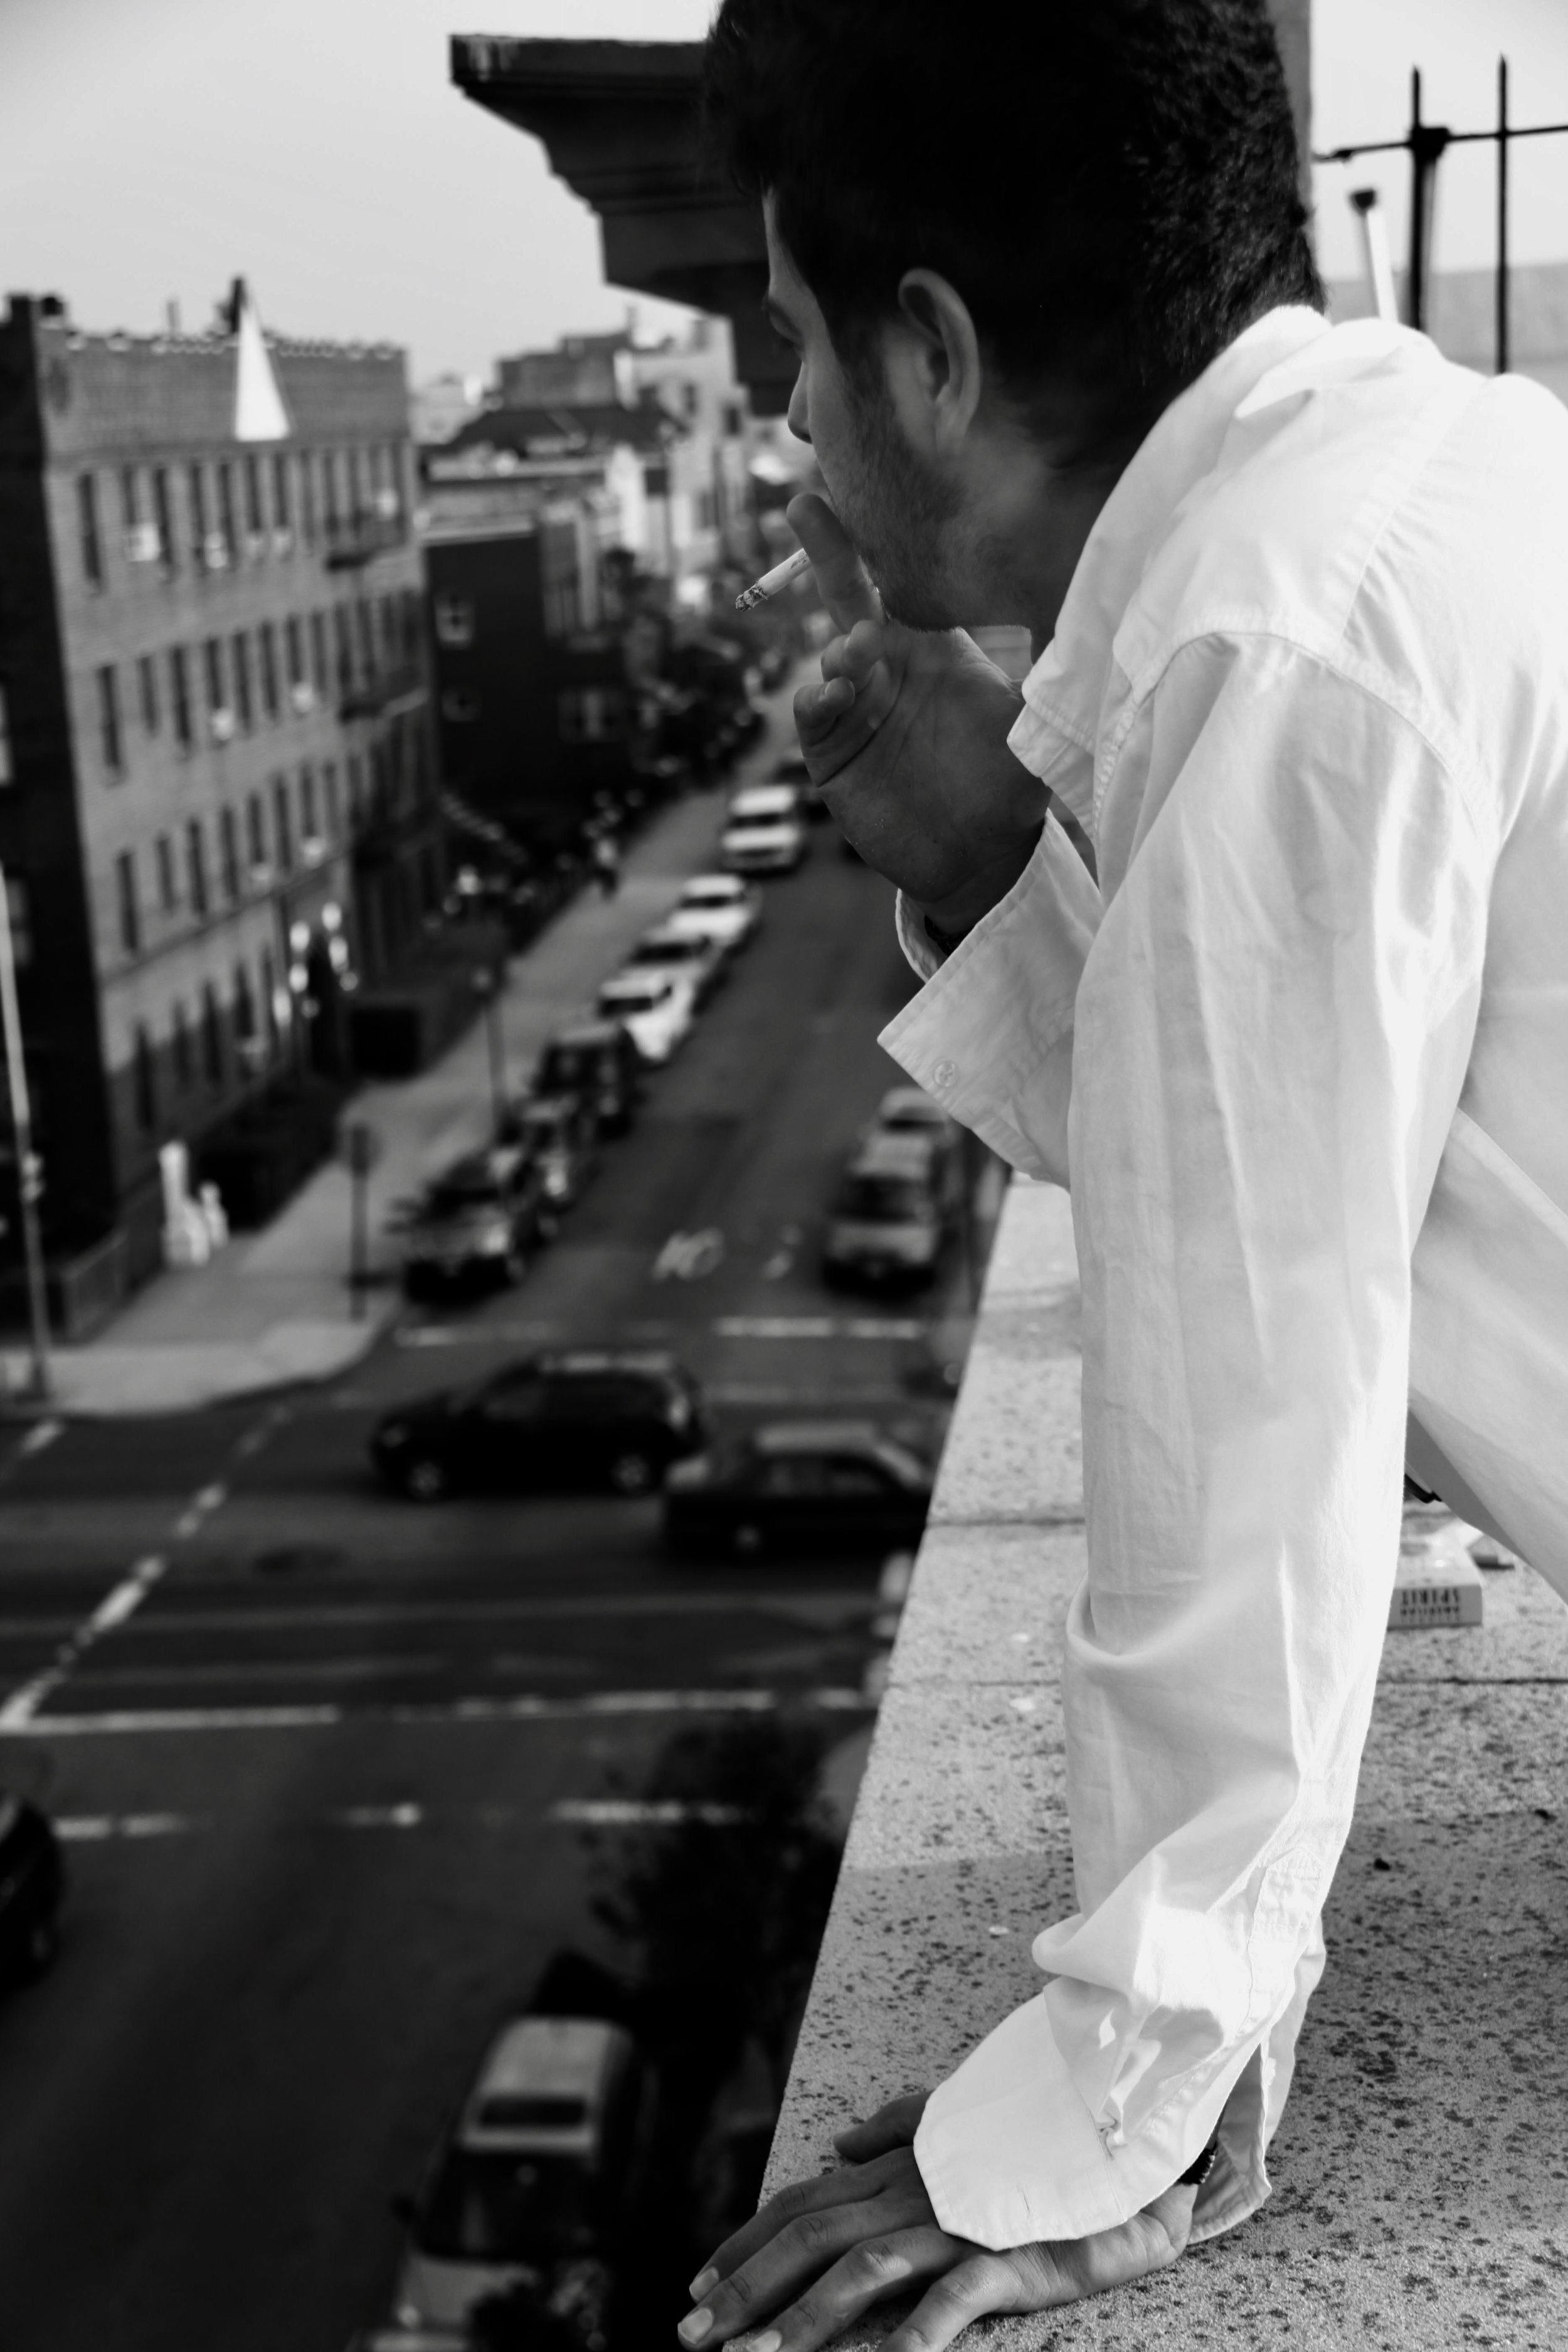 Julian De La Chica Photo by Marc Tousignant